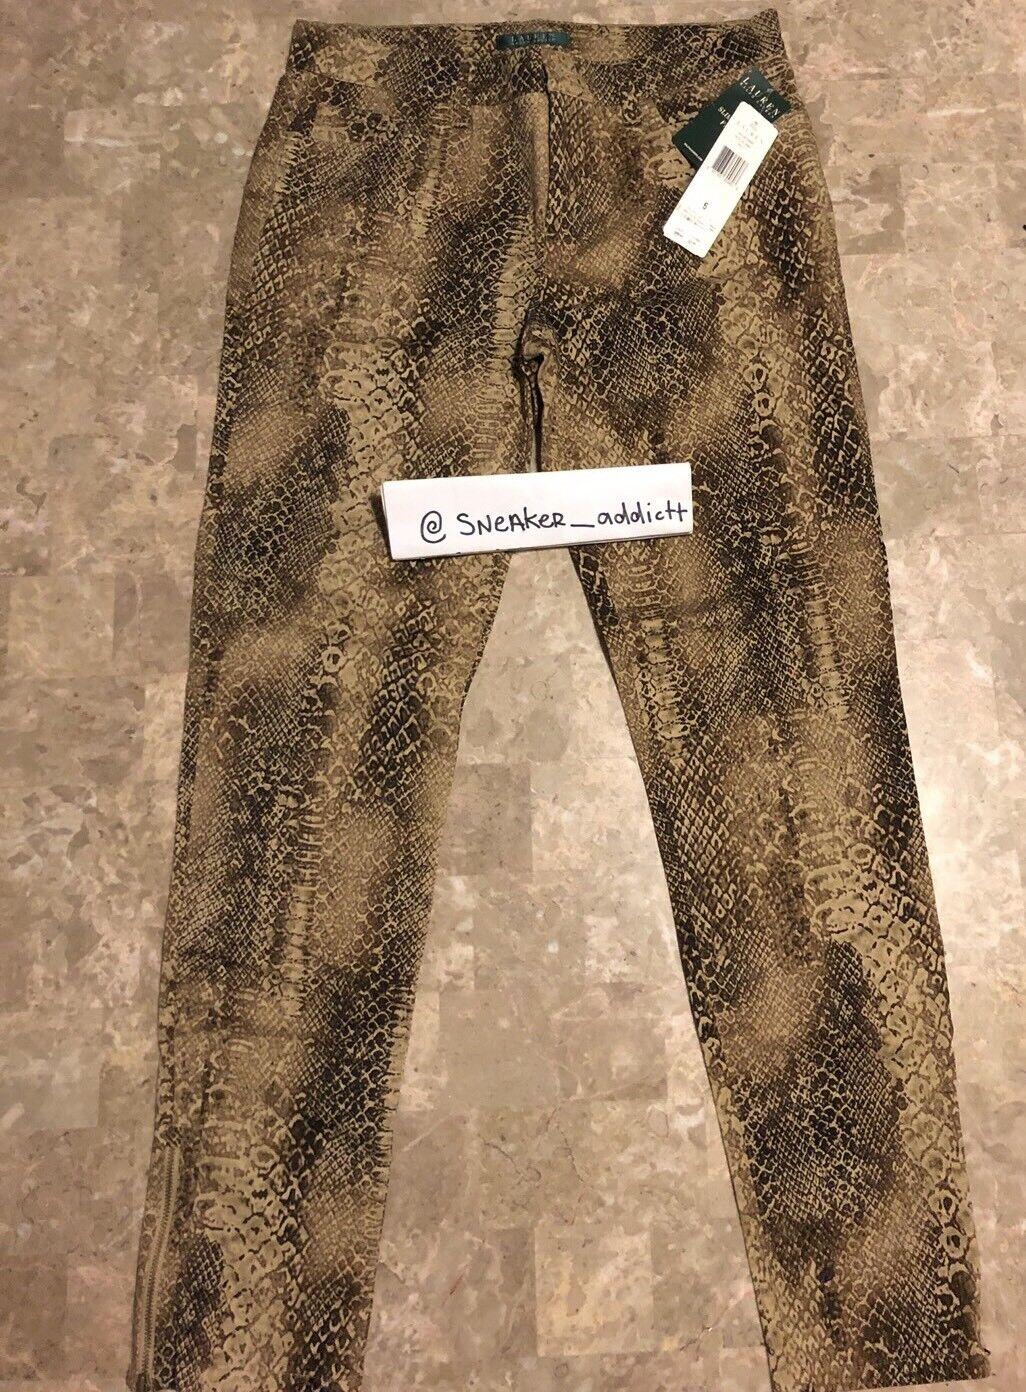 Lauren Ralph Lauren Brown Snakeskin Print Pants Woman's Sz 6 Brand New Jeans